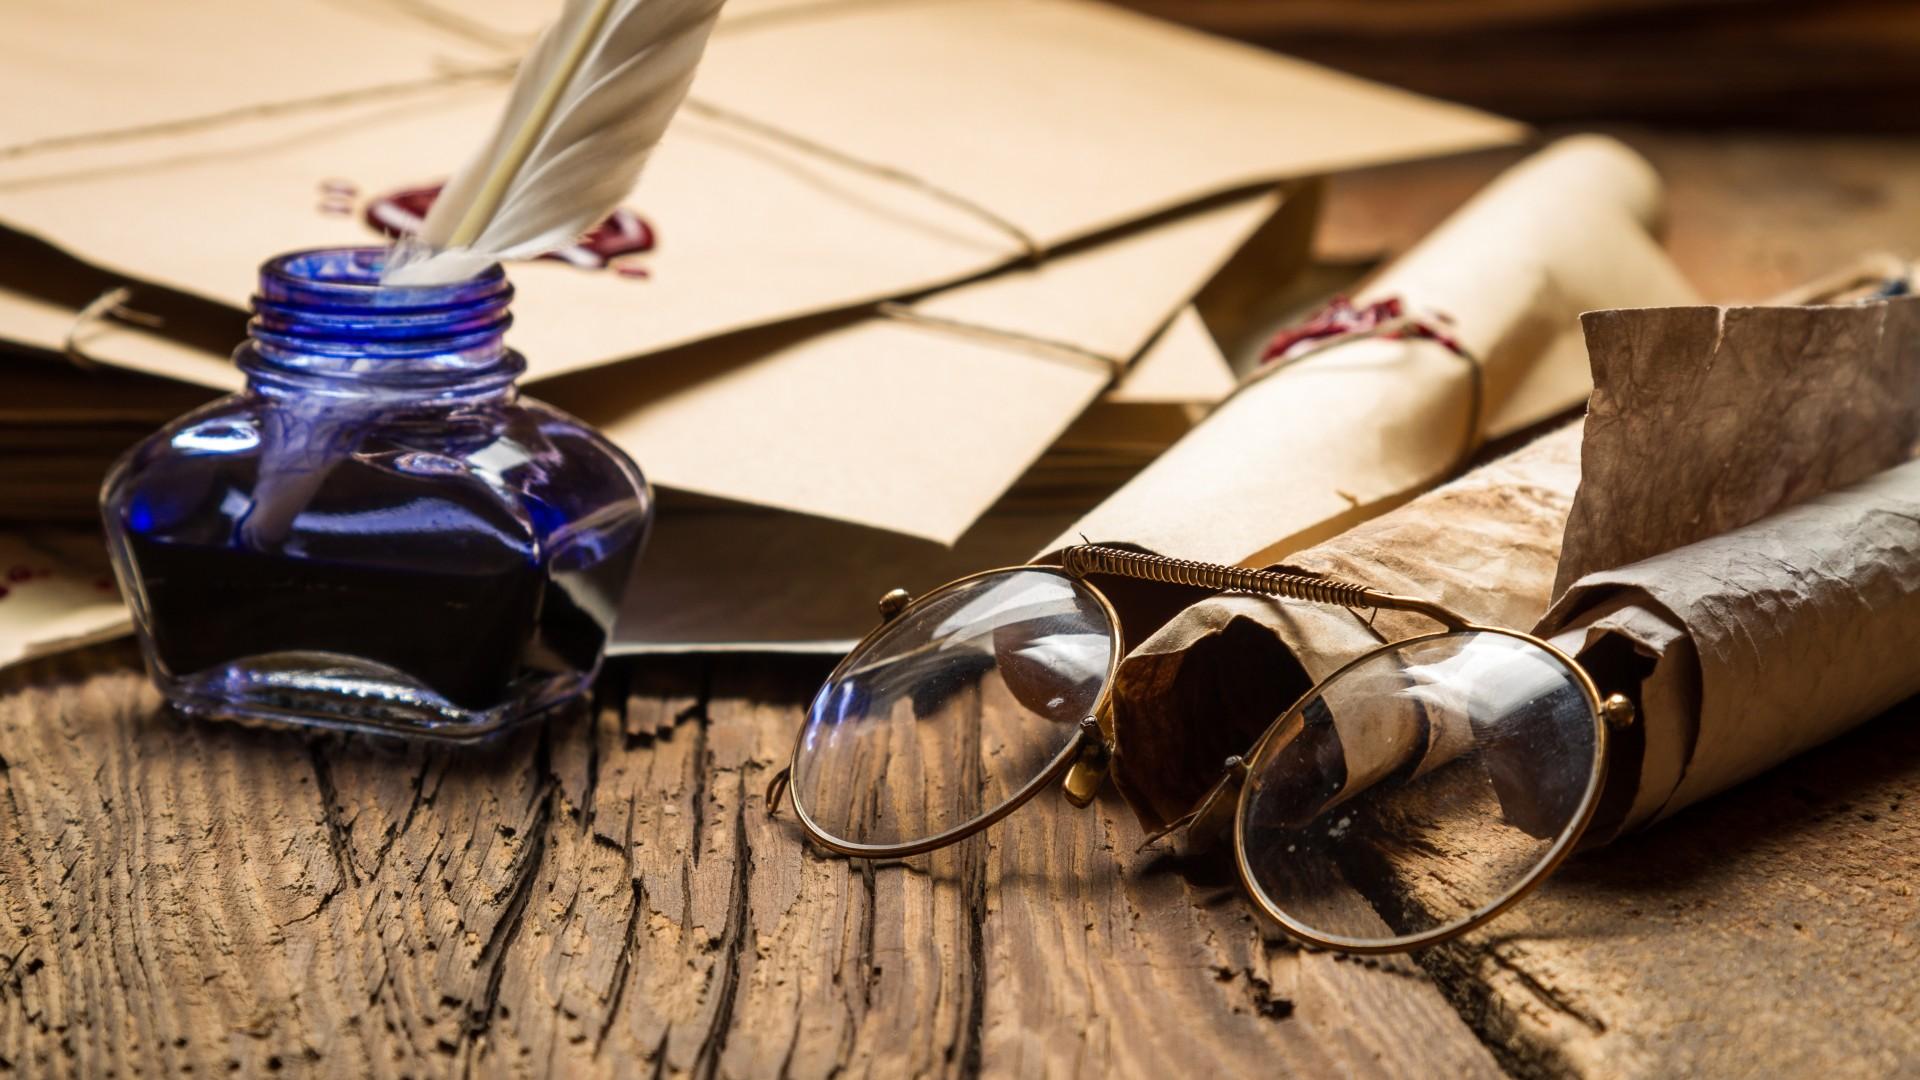 Молодих літераторів запрошують взяти участь у творчому конкурсі - українські письменники, літературний конкурс - bpIdXCK44Z